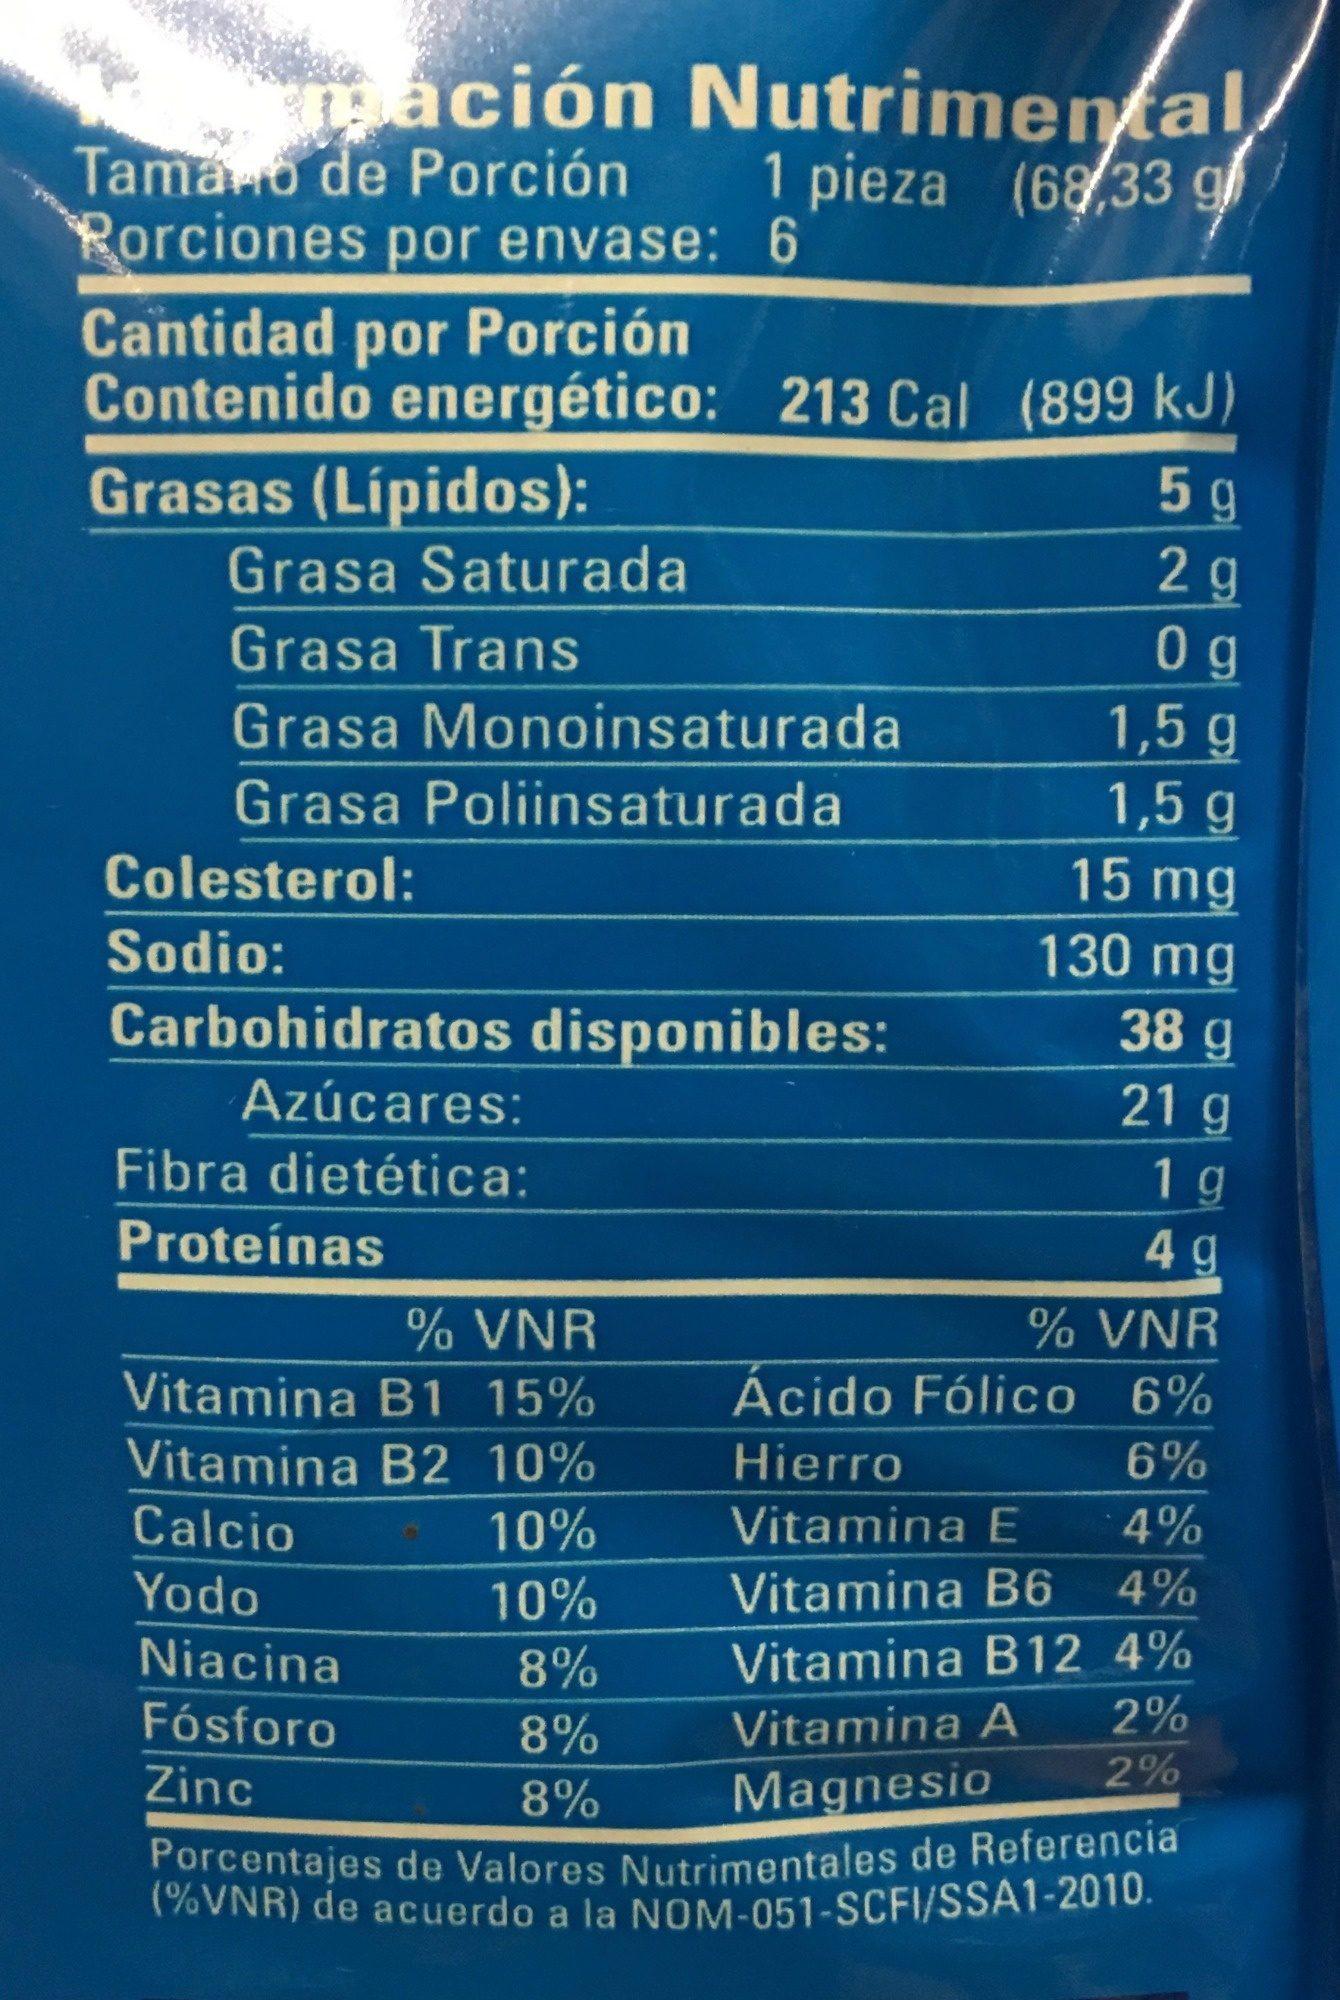 ROLES de Canela Glaseados - Nutrition facts